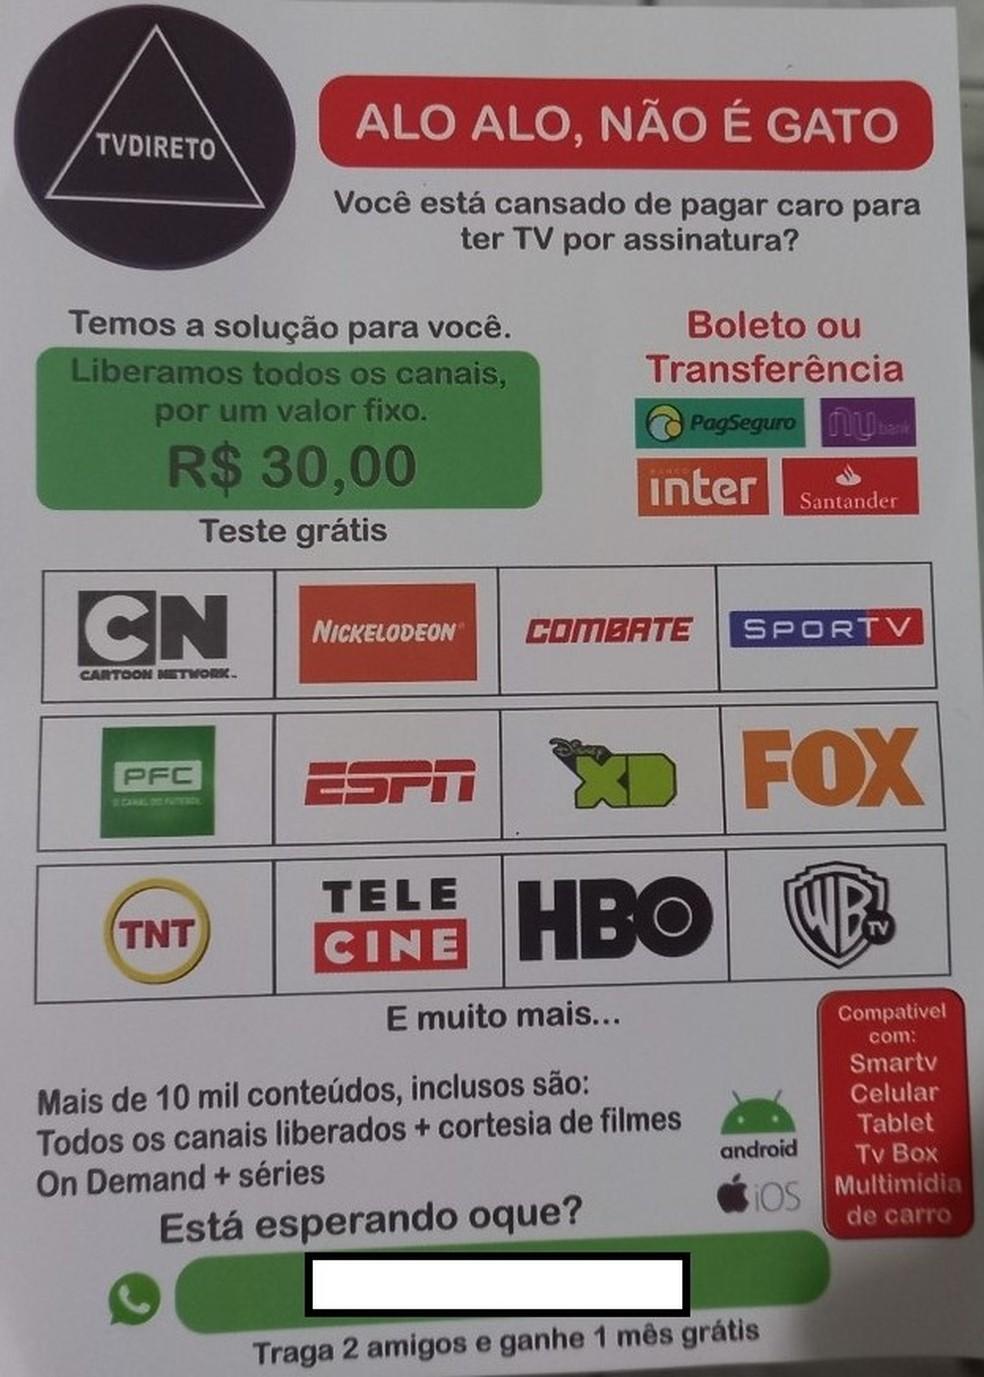 Imagem cedida pela Receita Federal ao G1. Folheto de divulgação de uma IPTV grátis